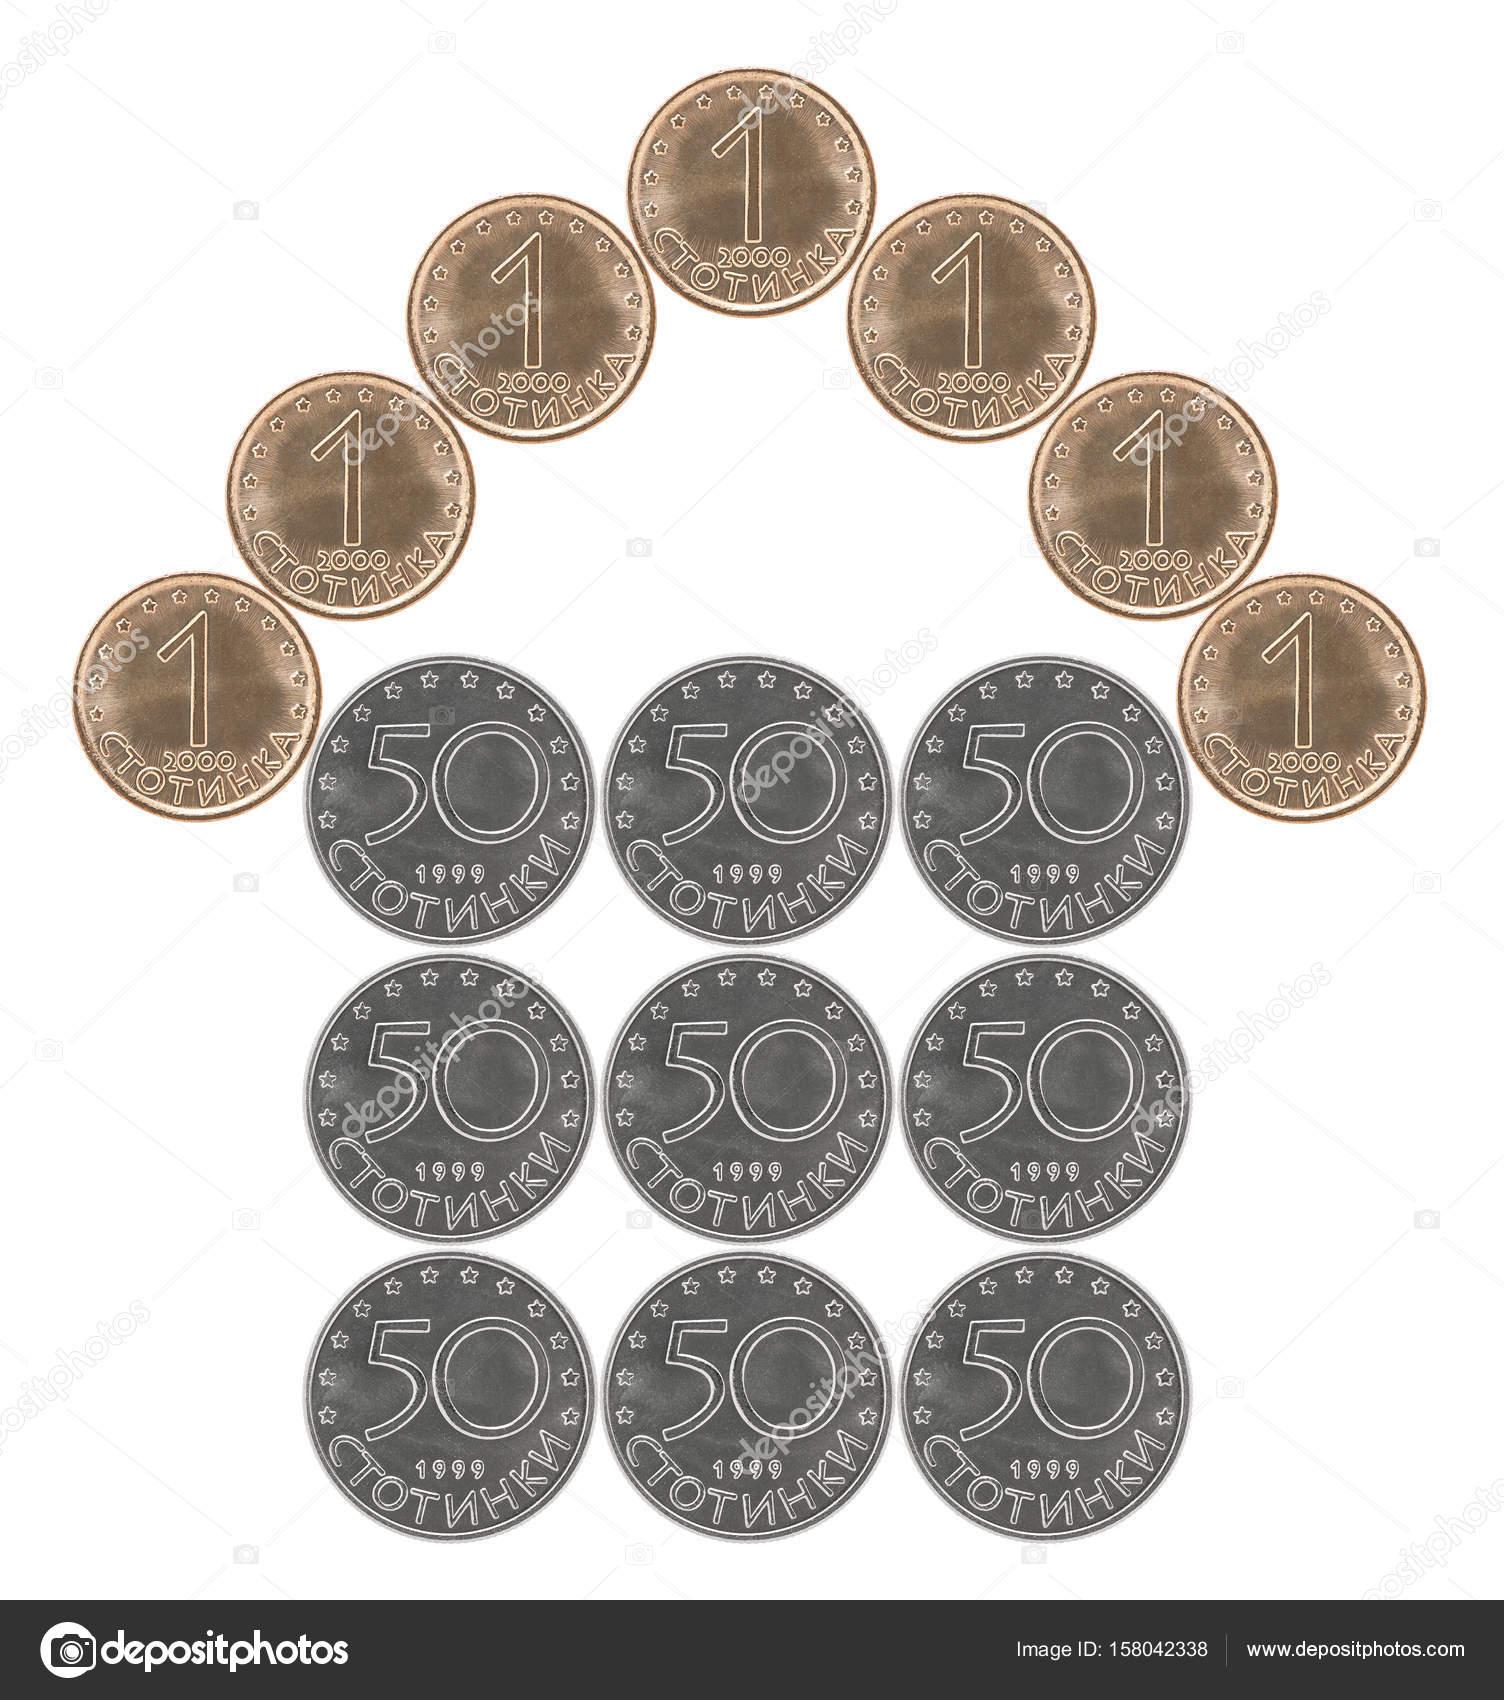 Hausgemachte Bulgarische Münzen Stockfoto Andreylobachev 158042338